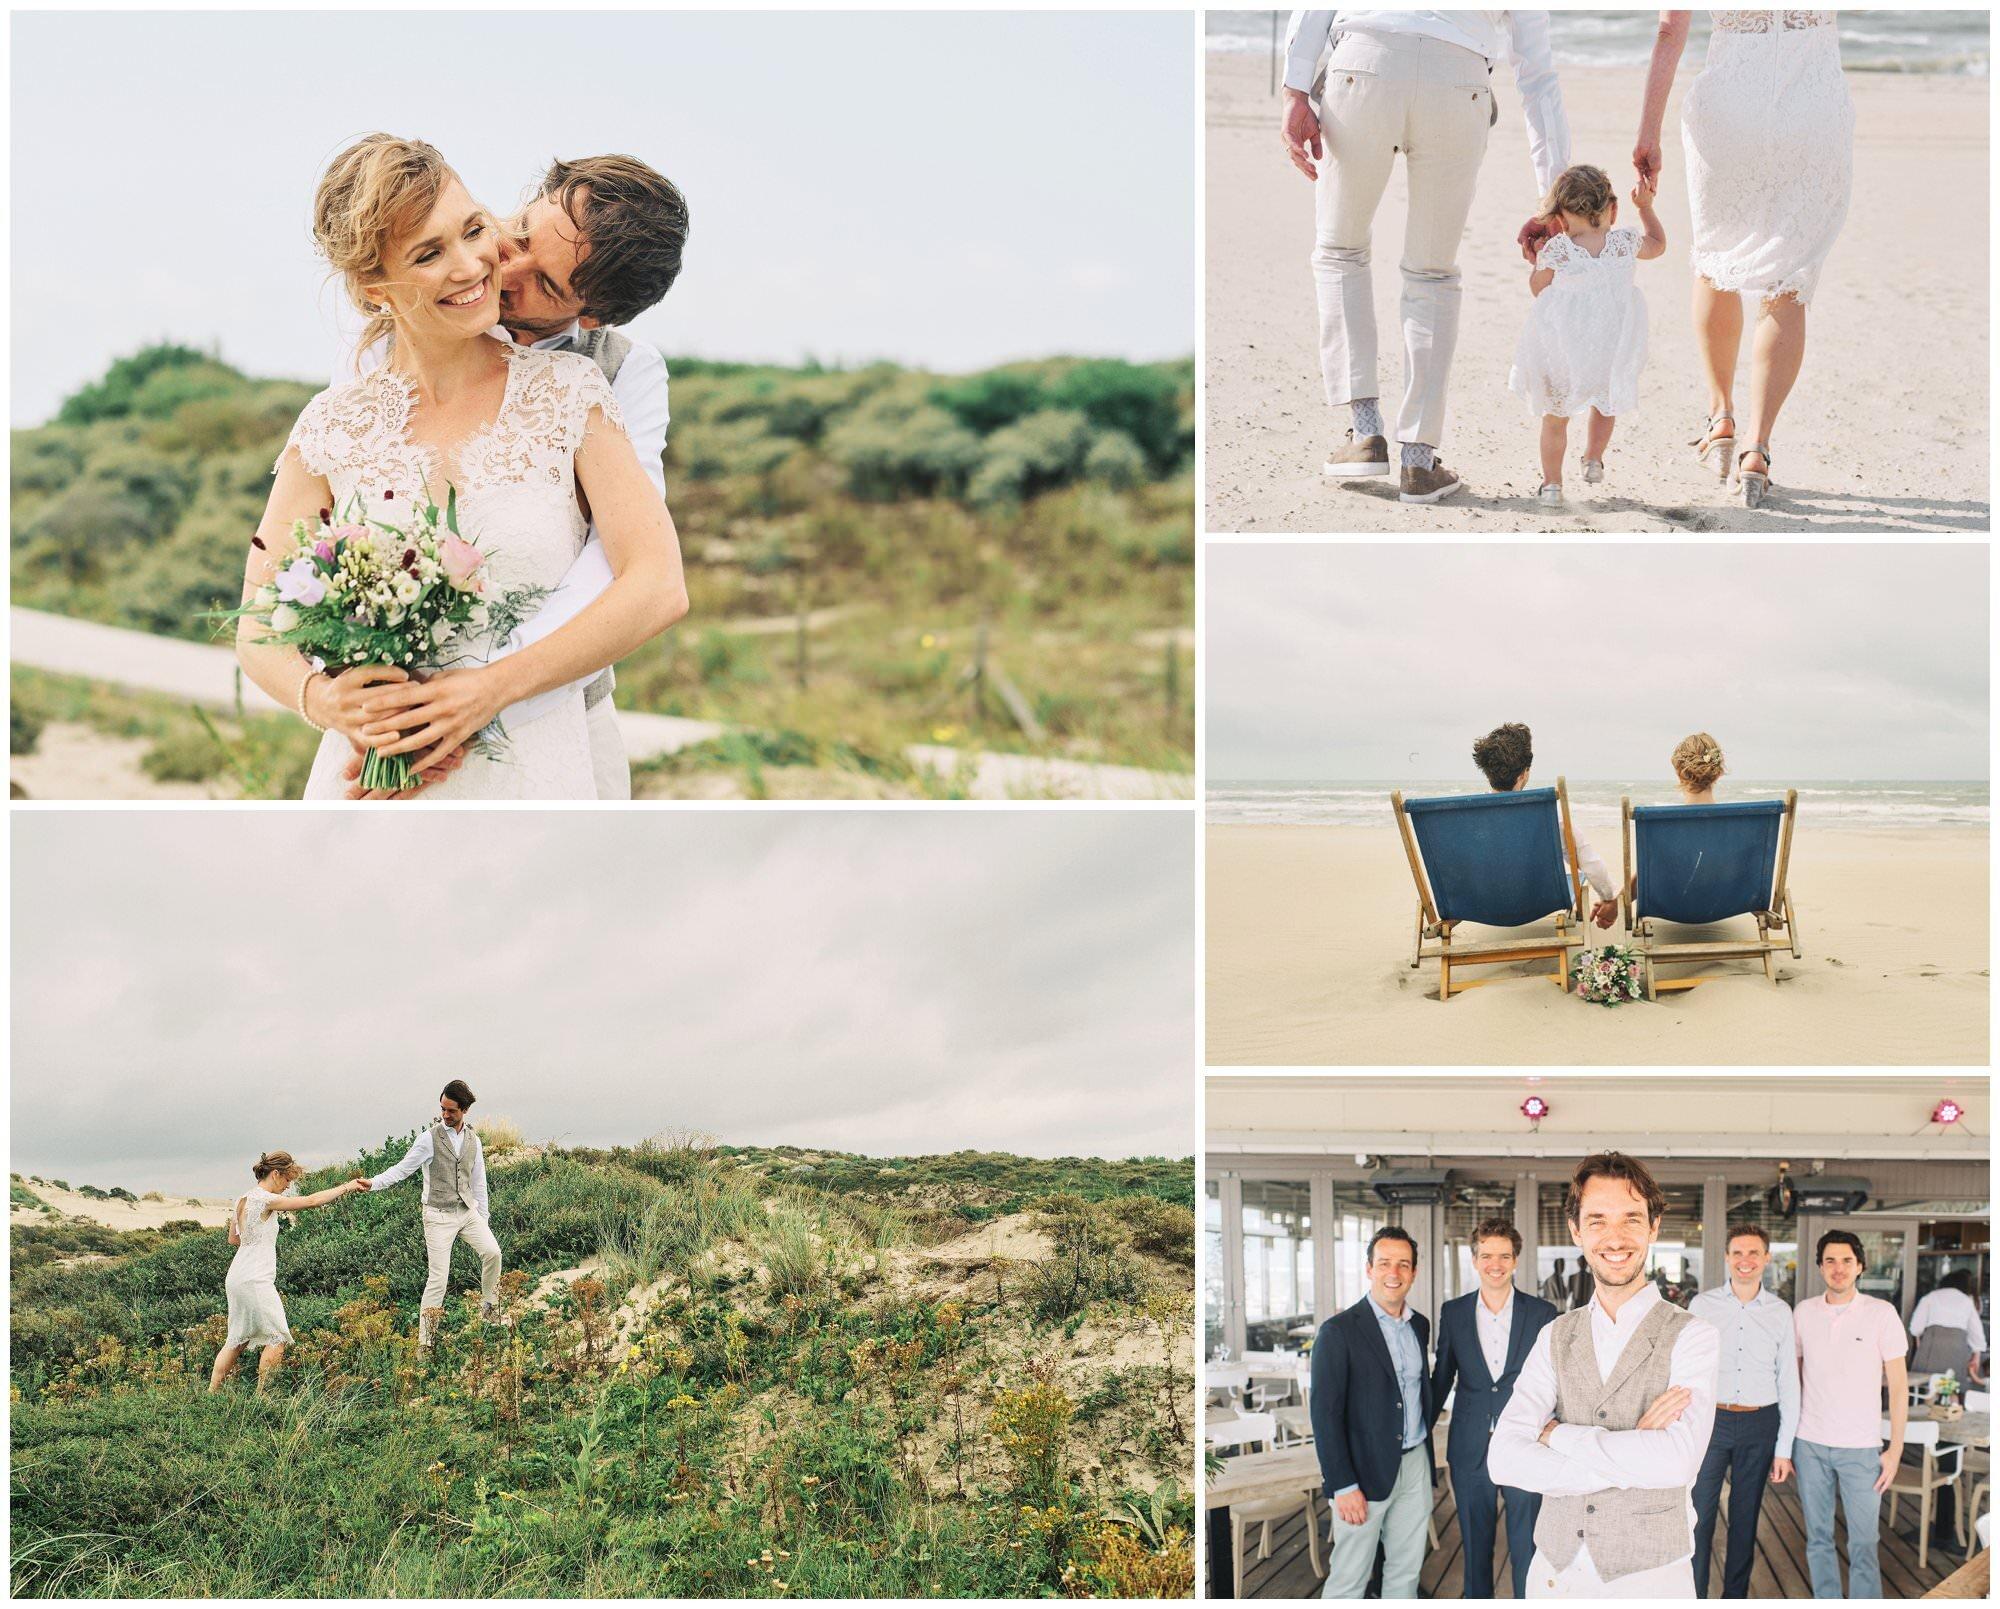 Annemieke en Jaap - bruidsfotografie op het strand van Kijkduin